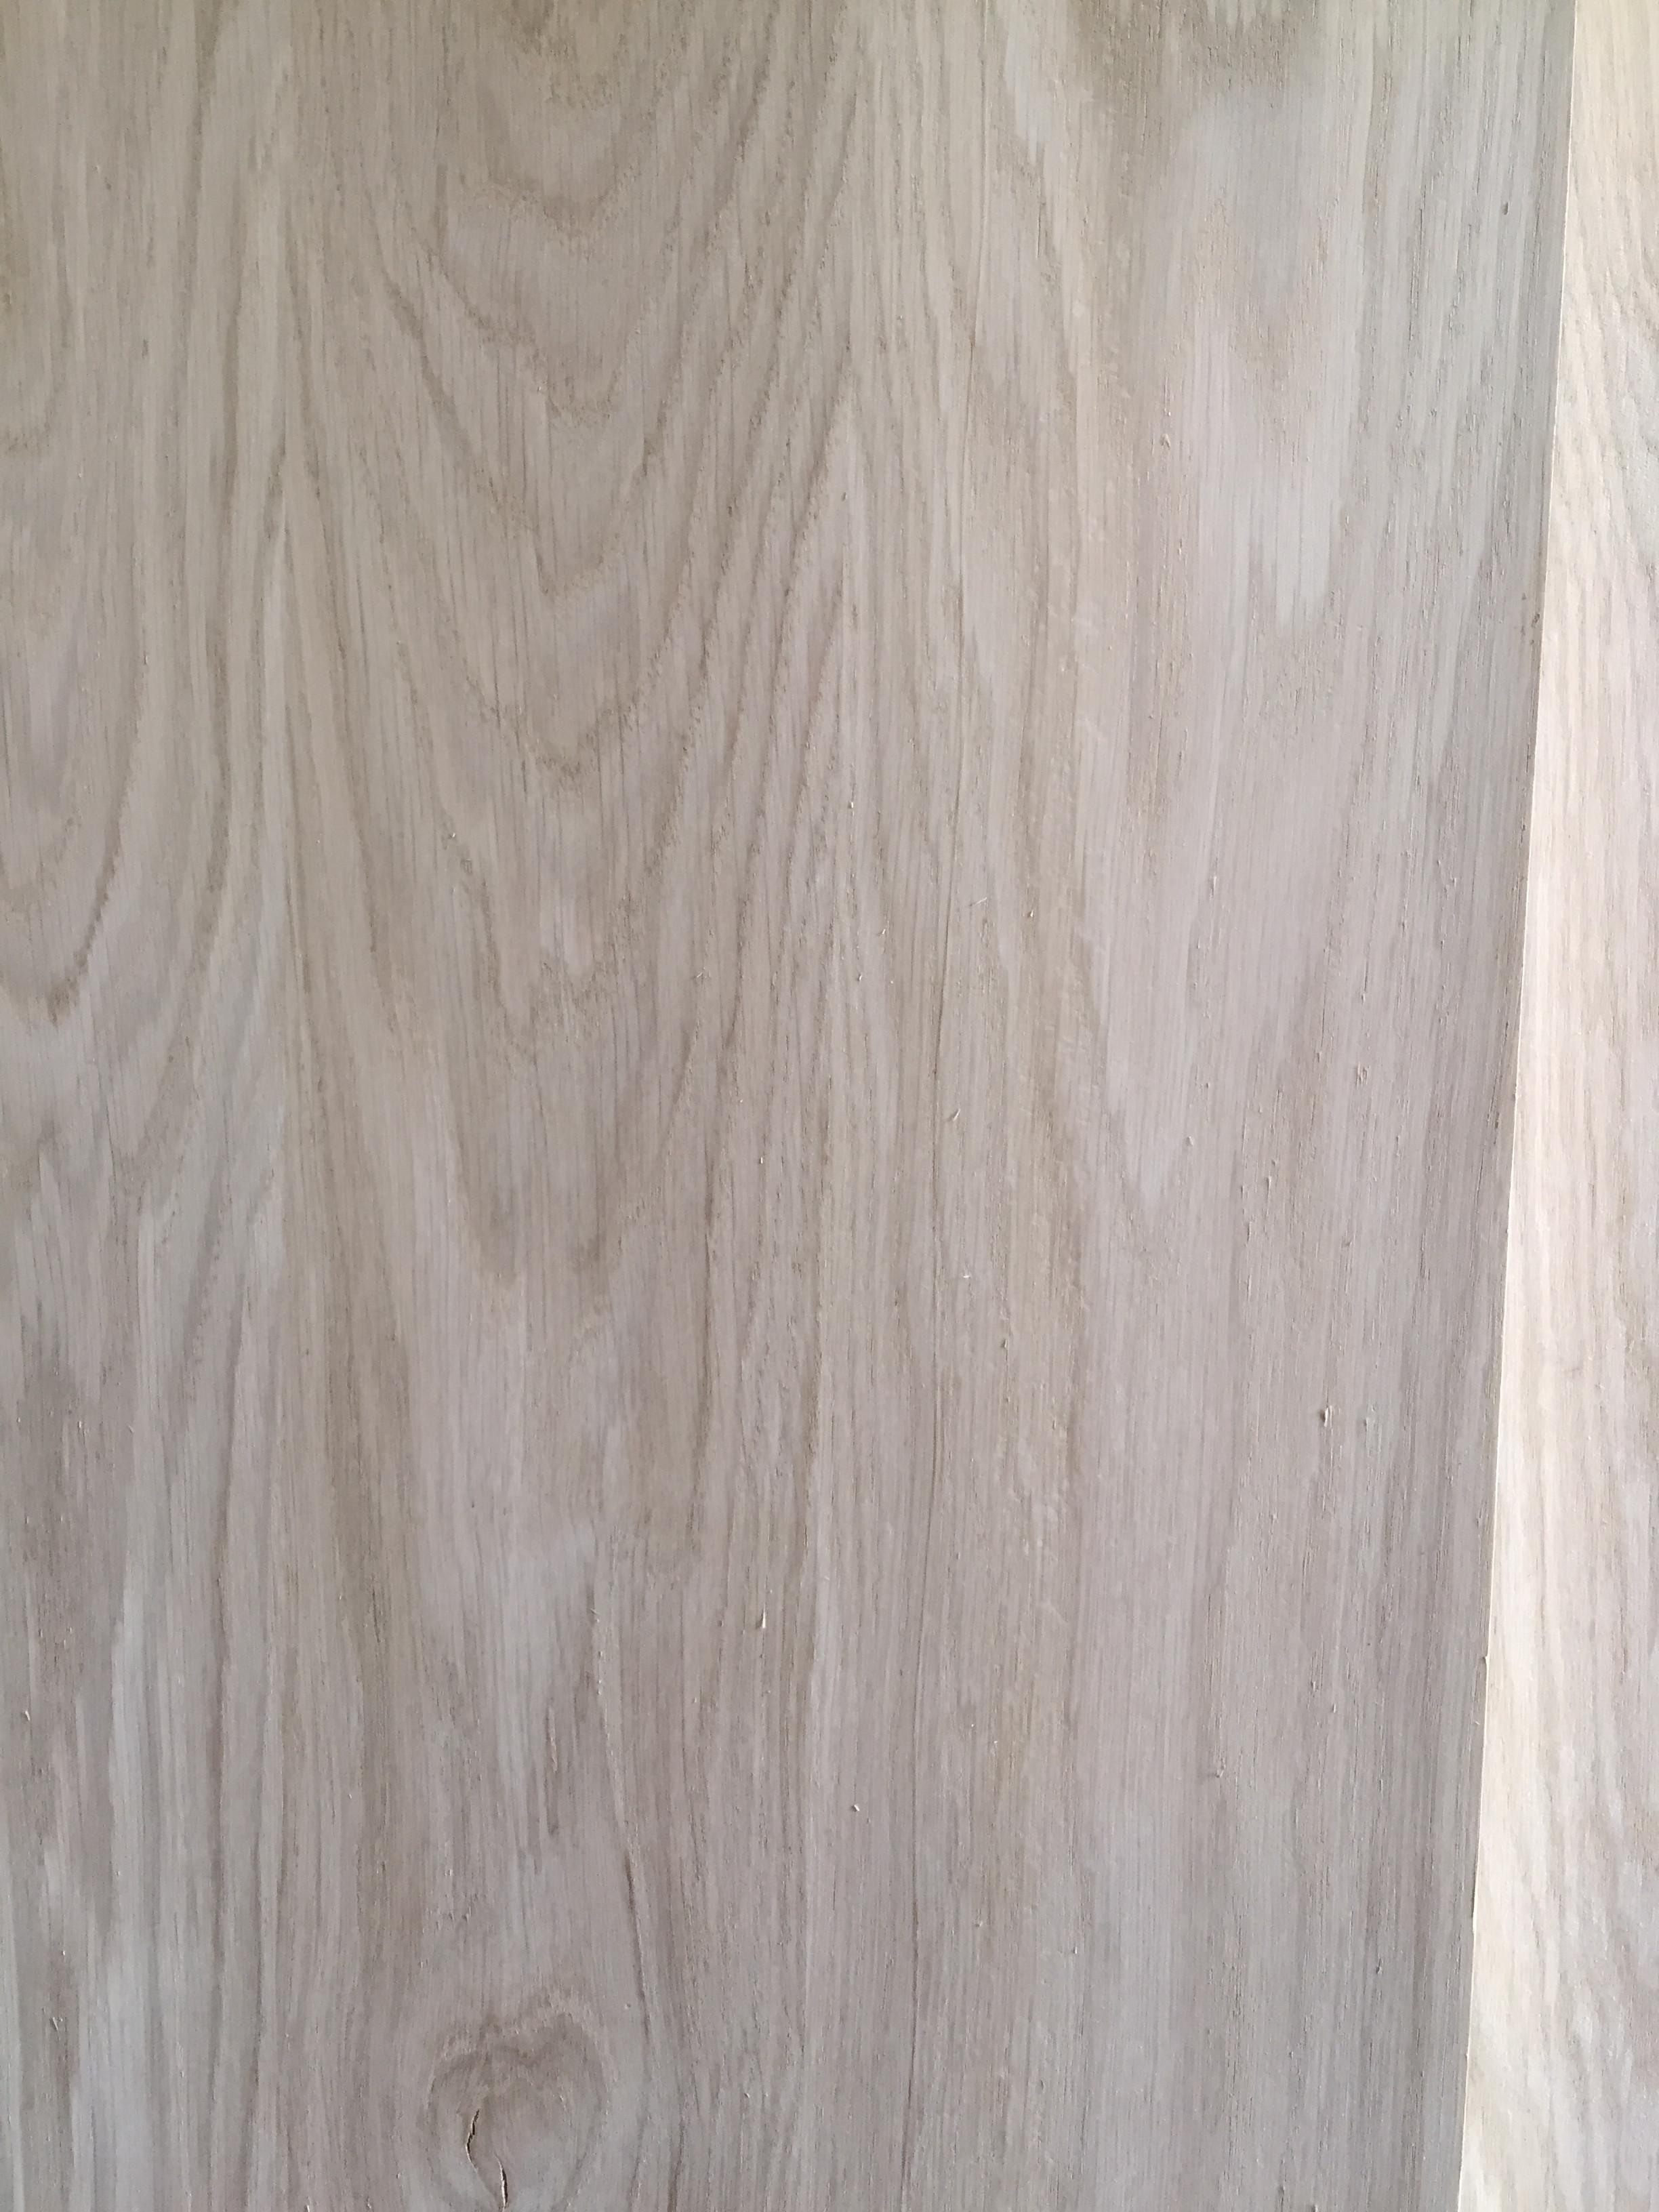 American Oak furniture board